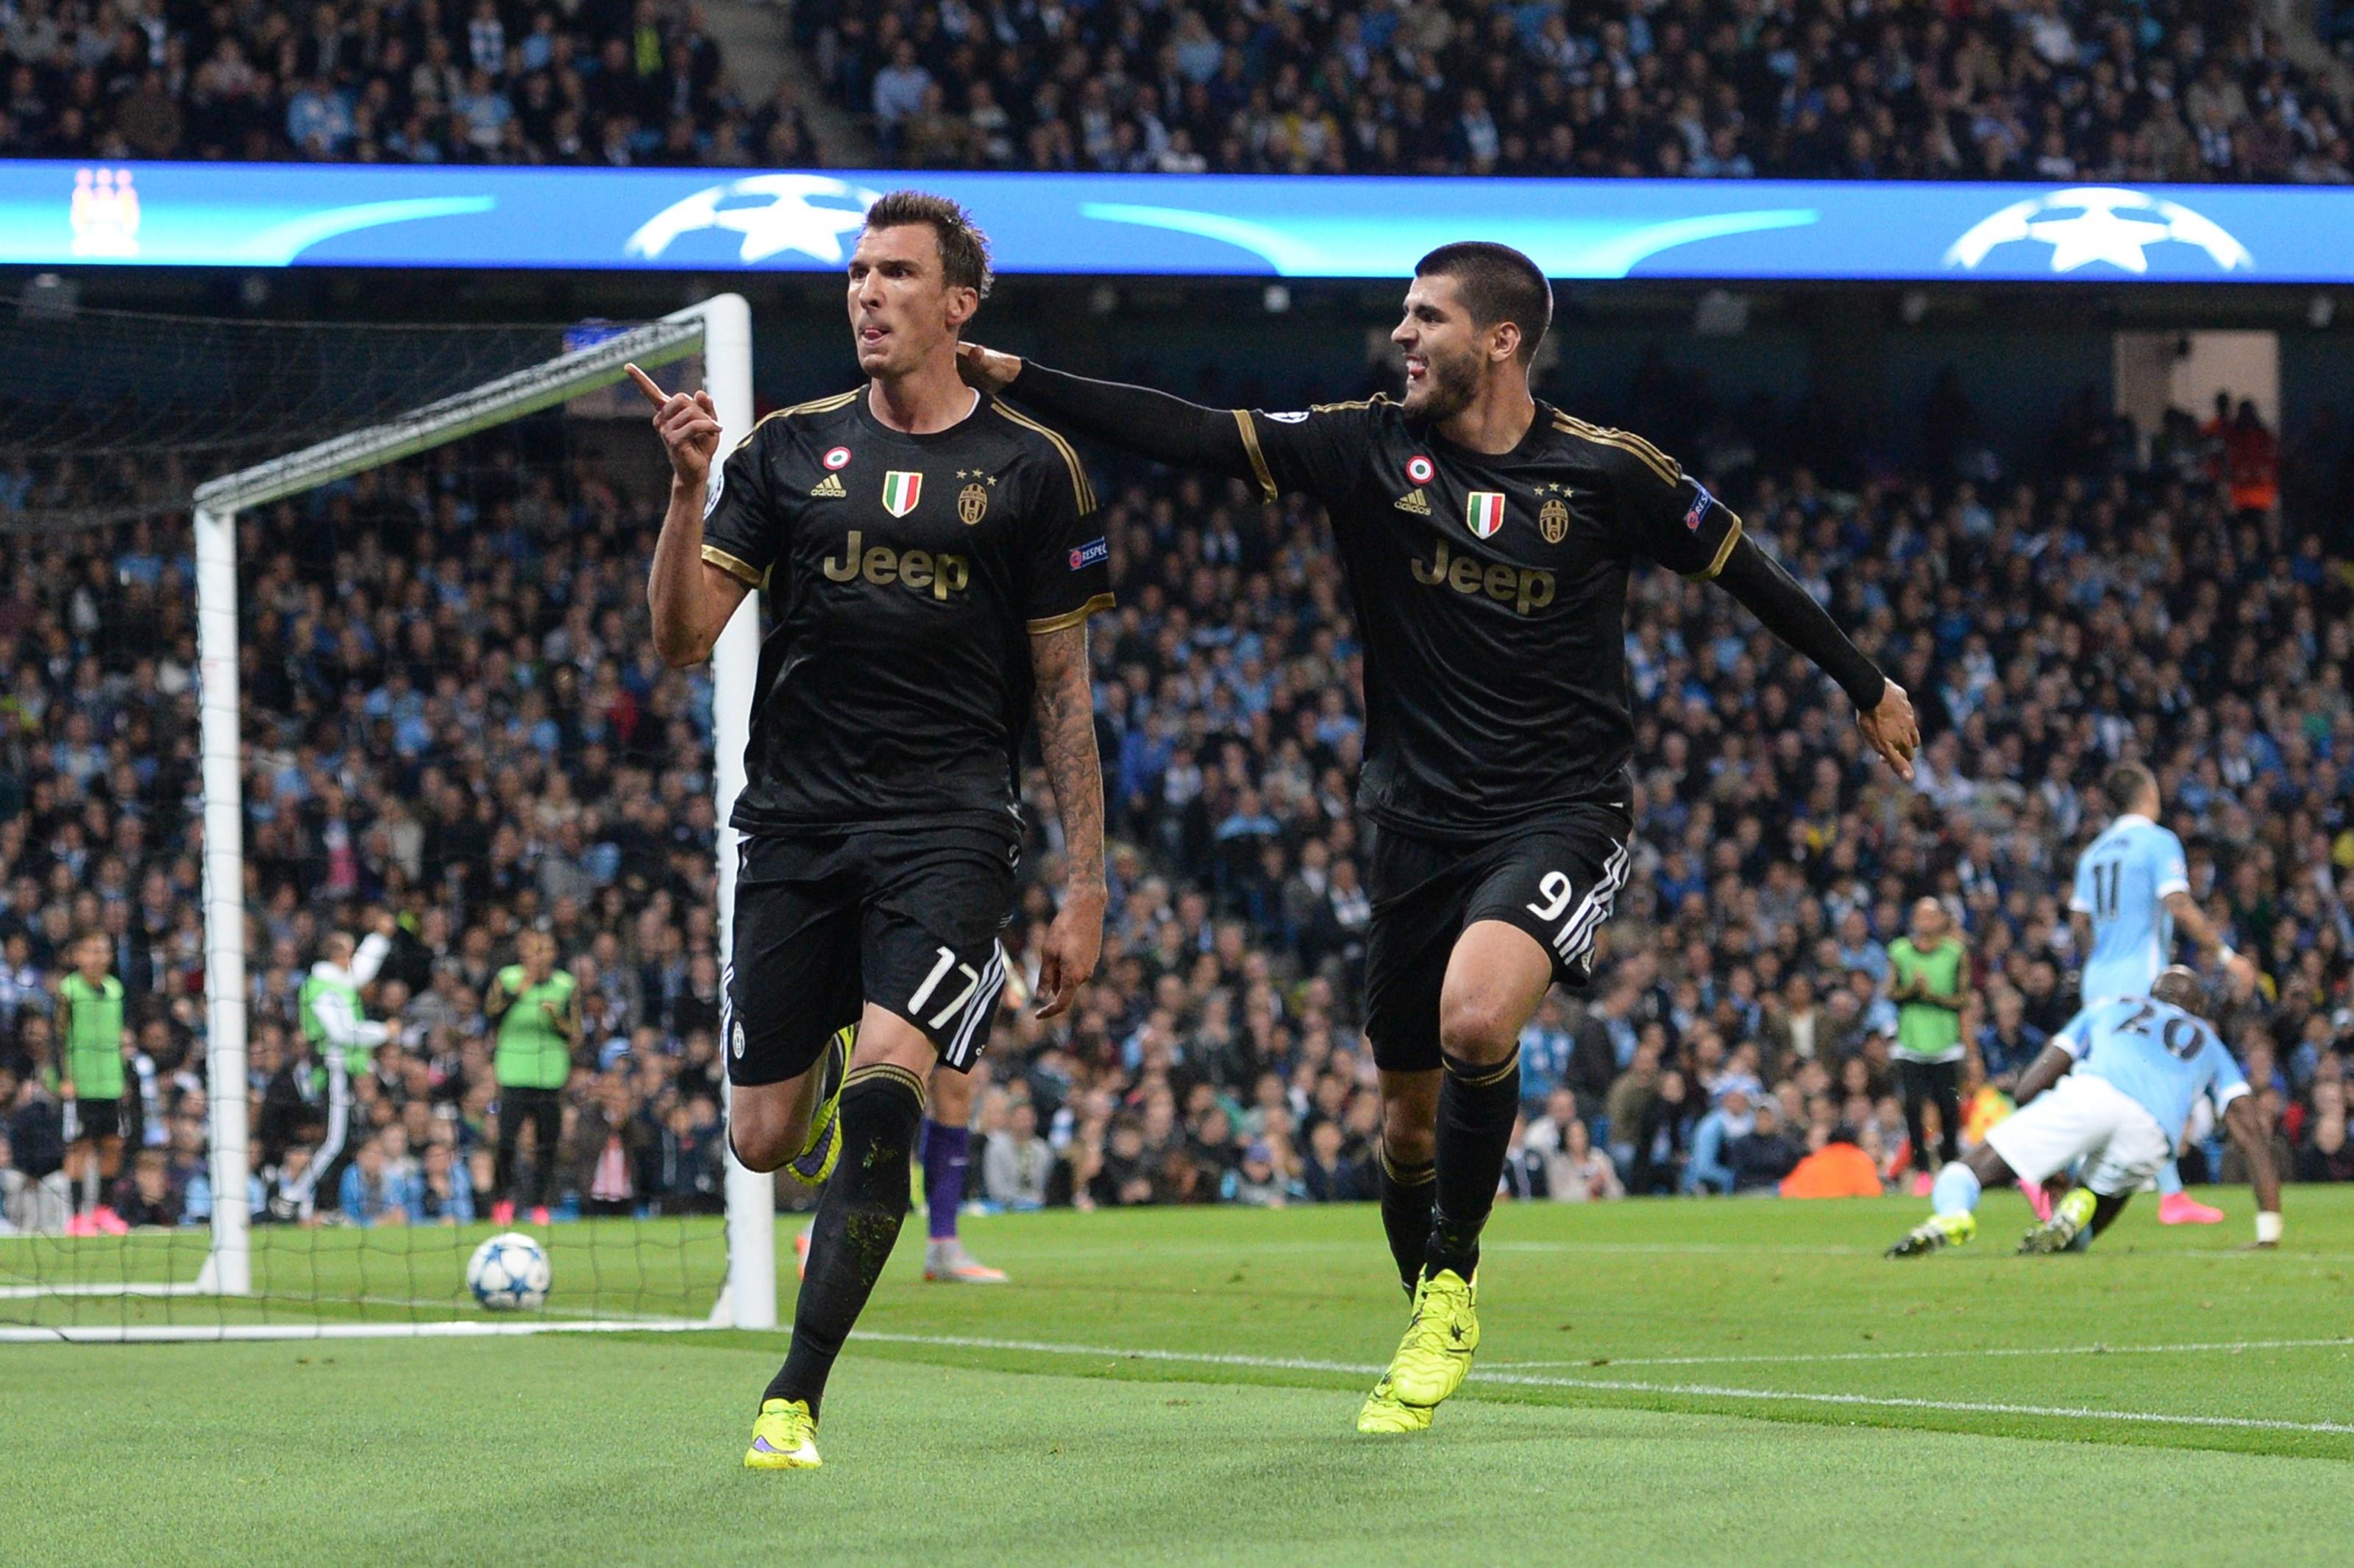 L'esultanza di Mandzukic e Morata dopo il gol del momentaneo 1-1 al City